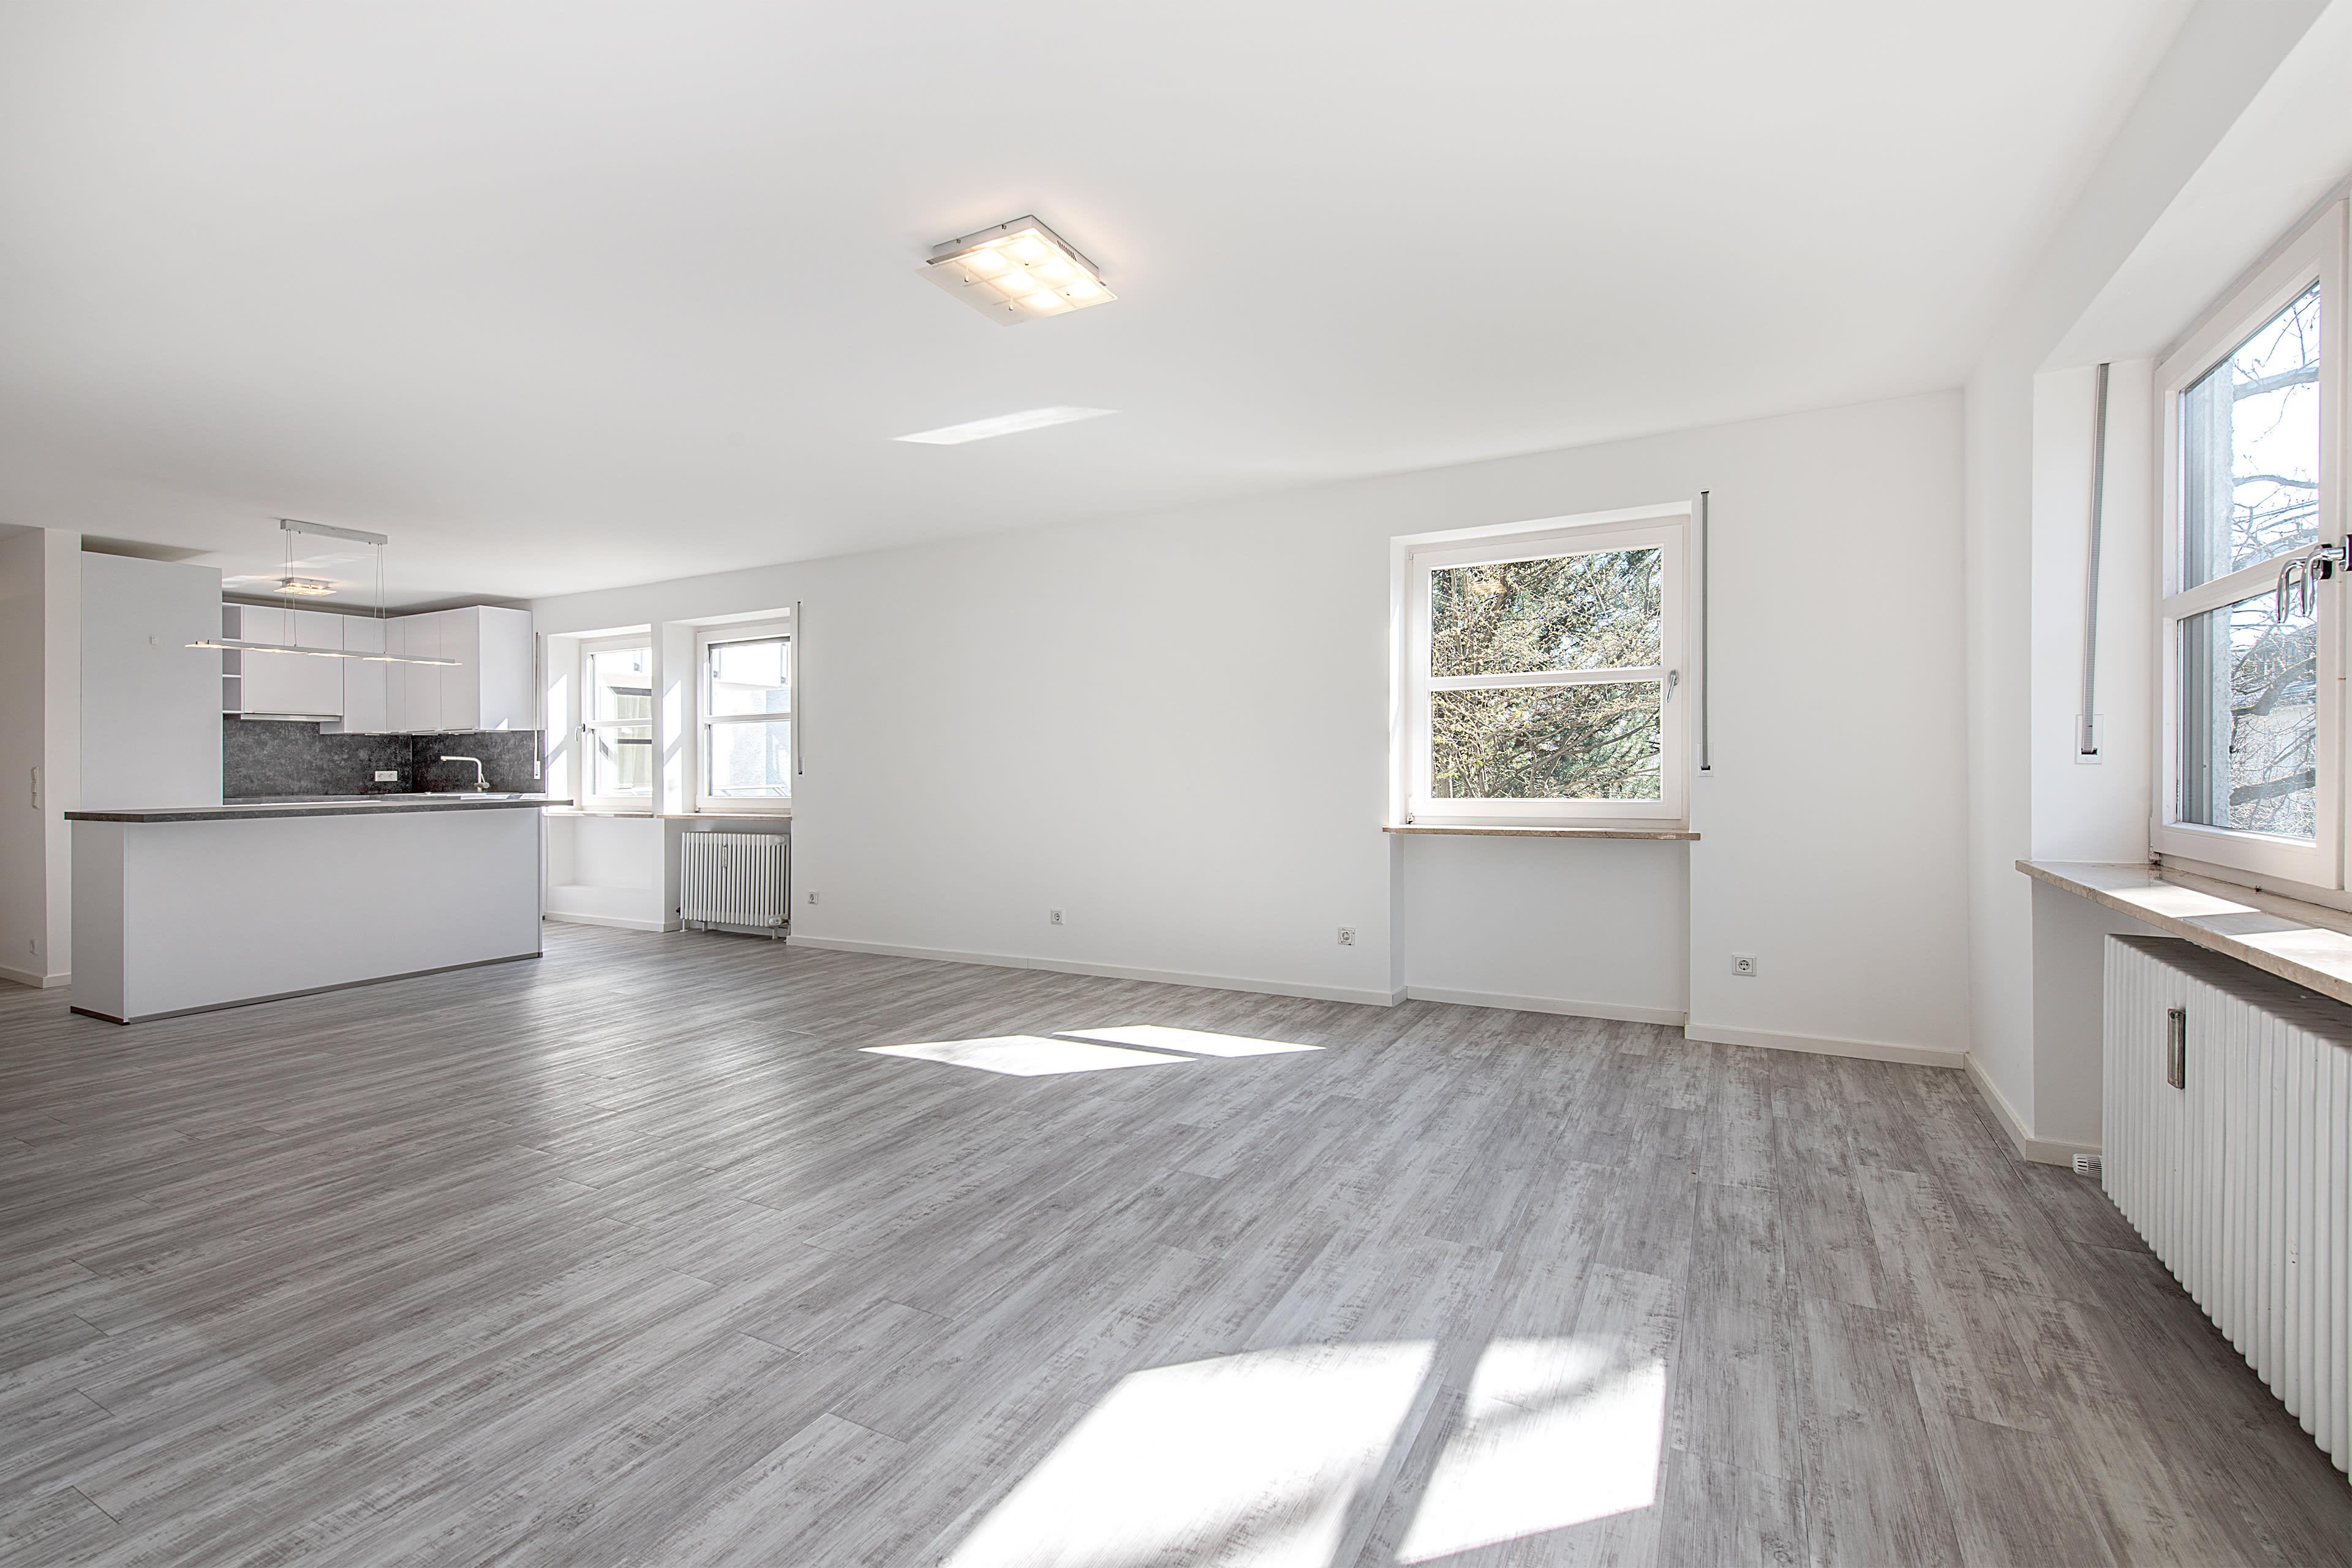 3 4 Zimmer Wohnung In Kempten Kaufen